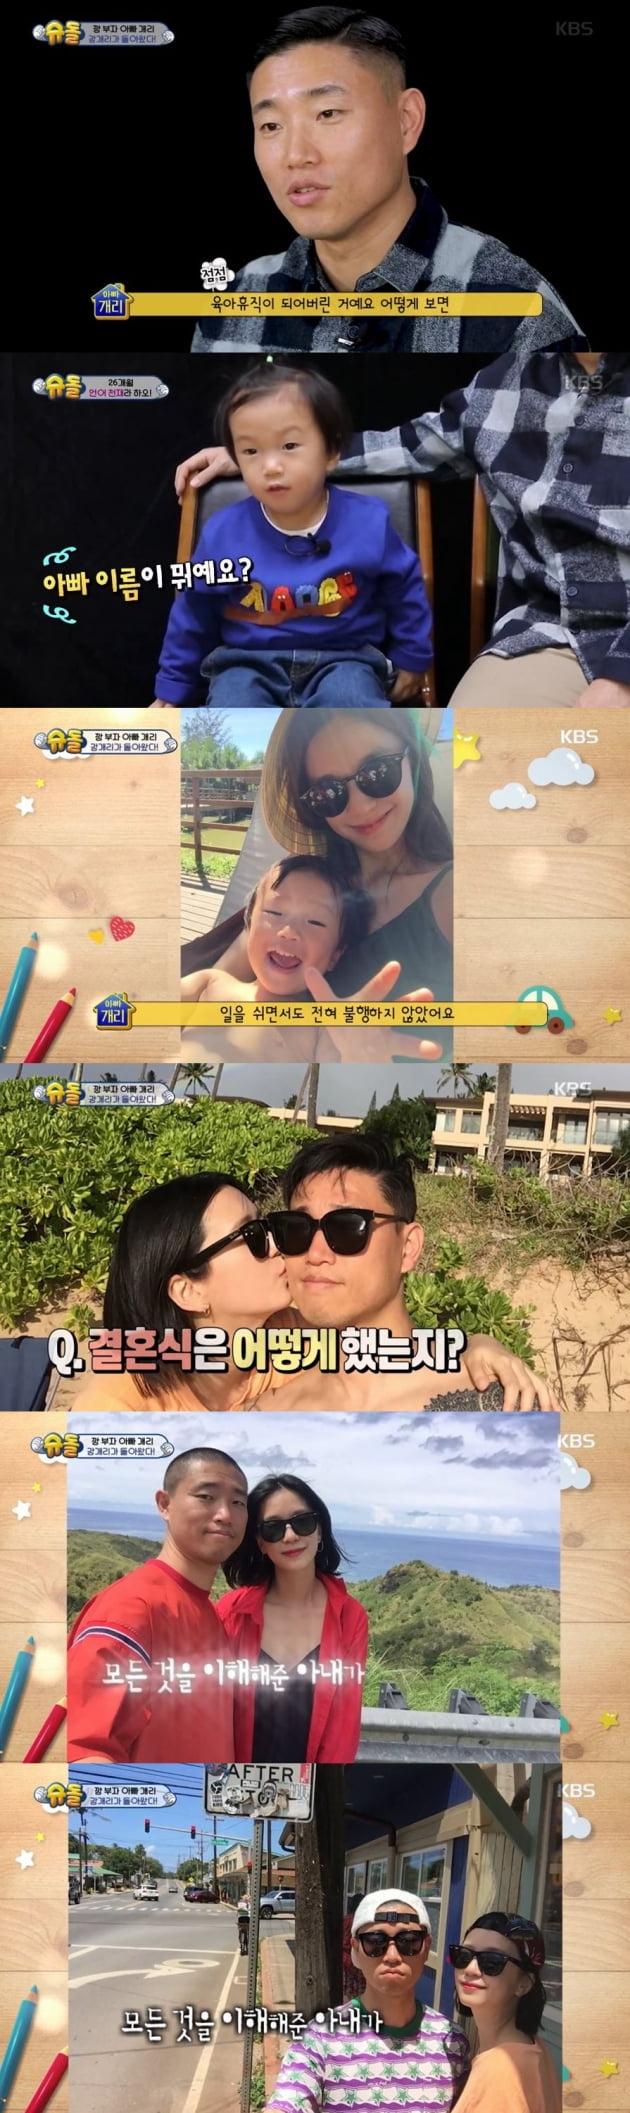 '슈돌' 강개리, 아내·아들 공개 /사진=KBS2 방송화면 캡처